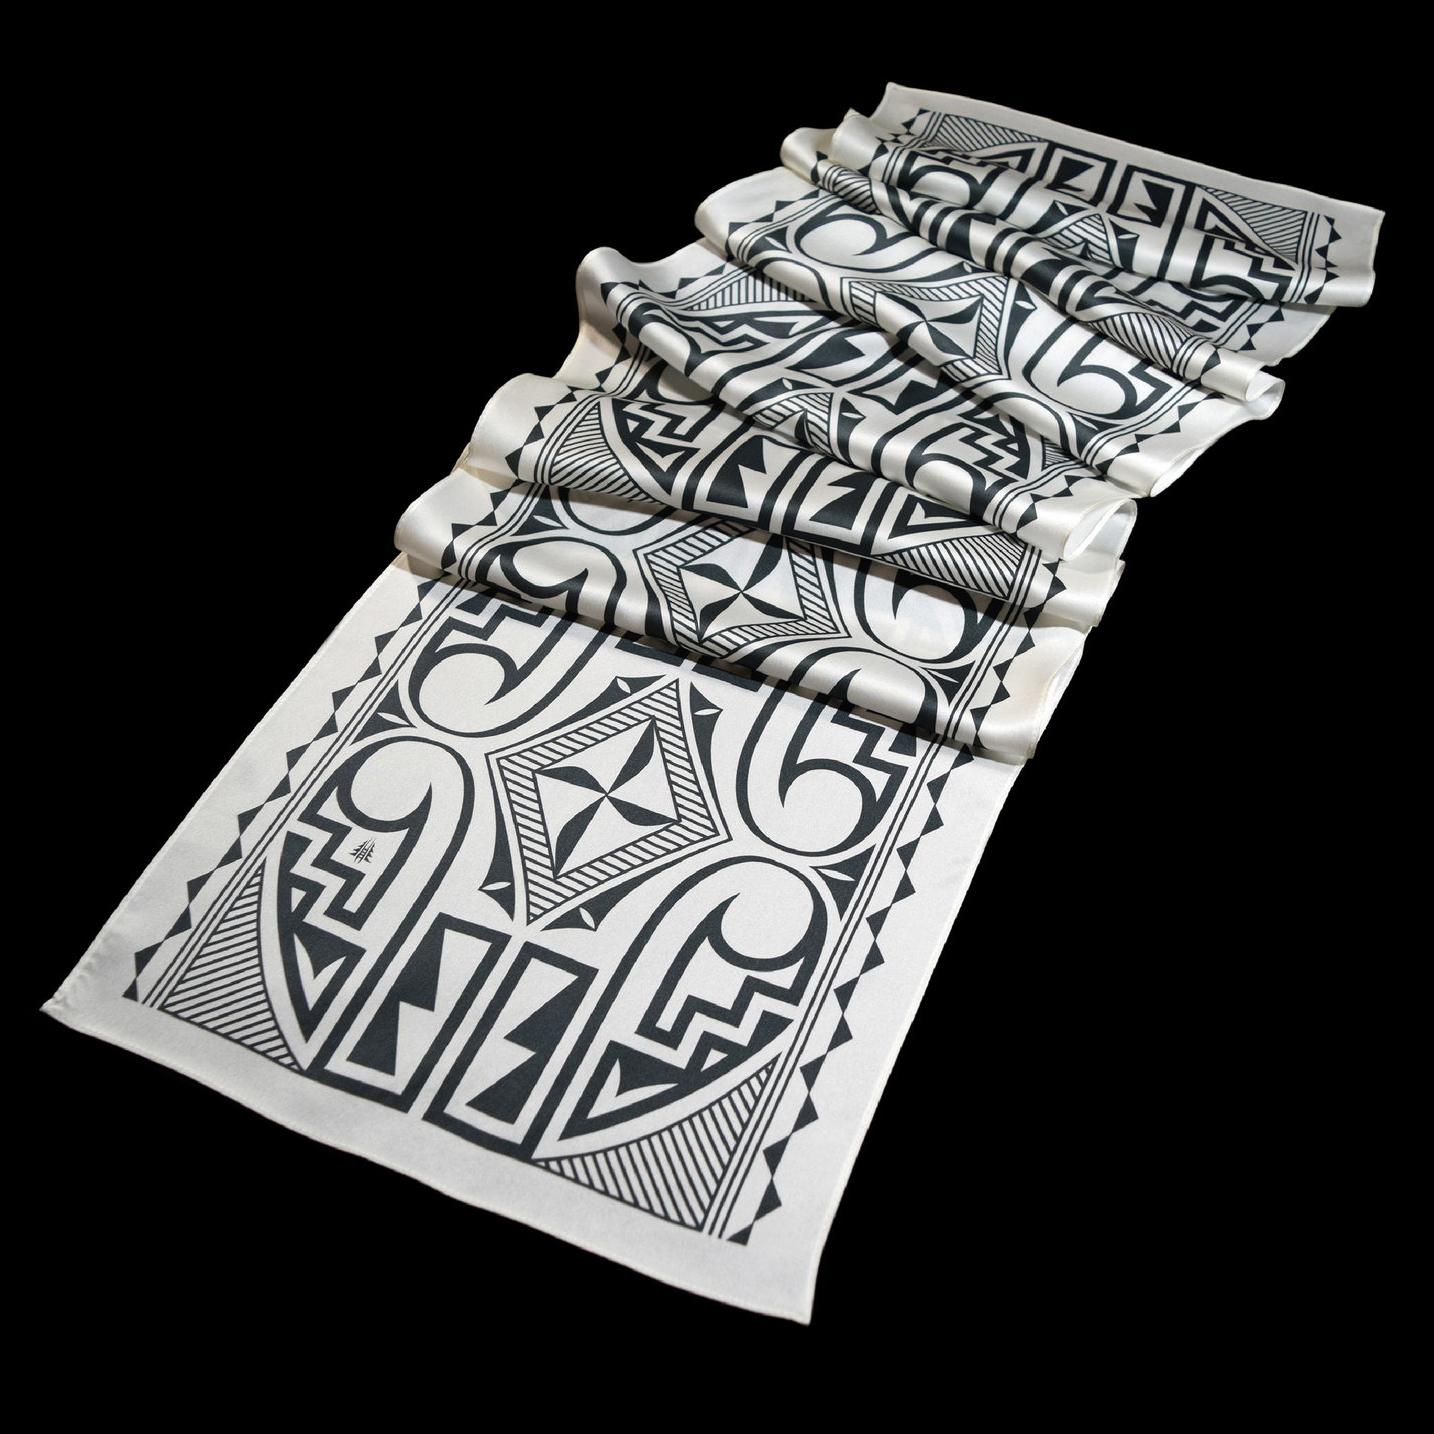 ACONAV Designs - Loren (Acoma Pueblo) and Valentina (Navajo) Aragon